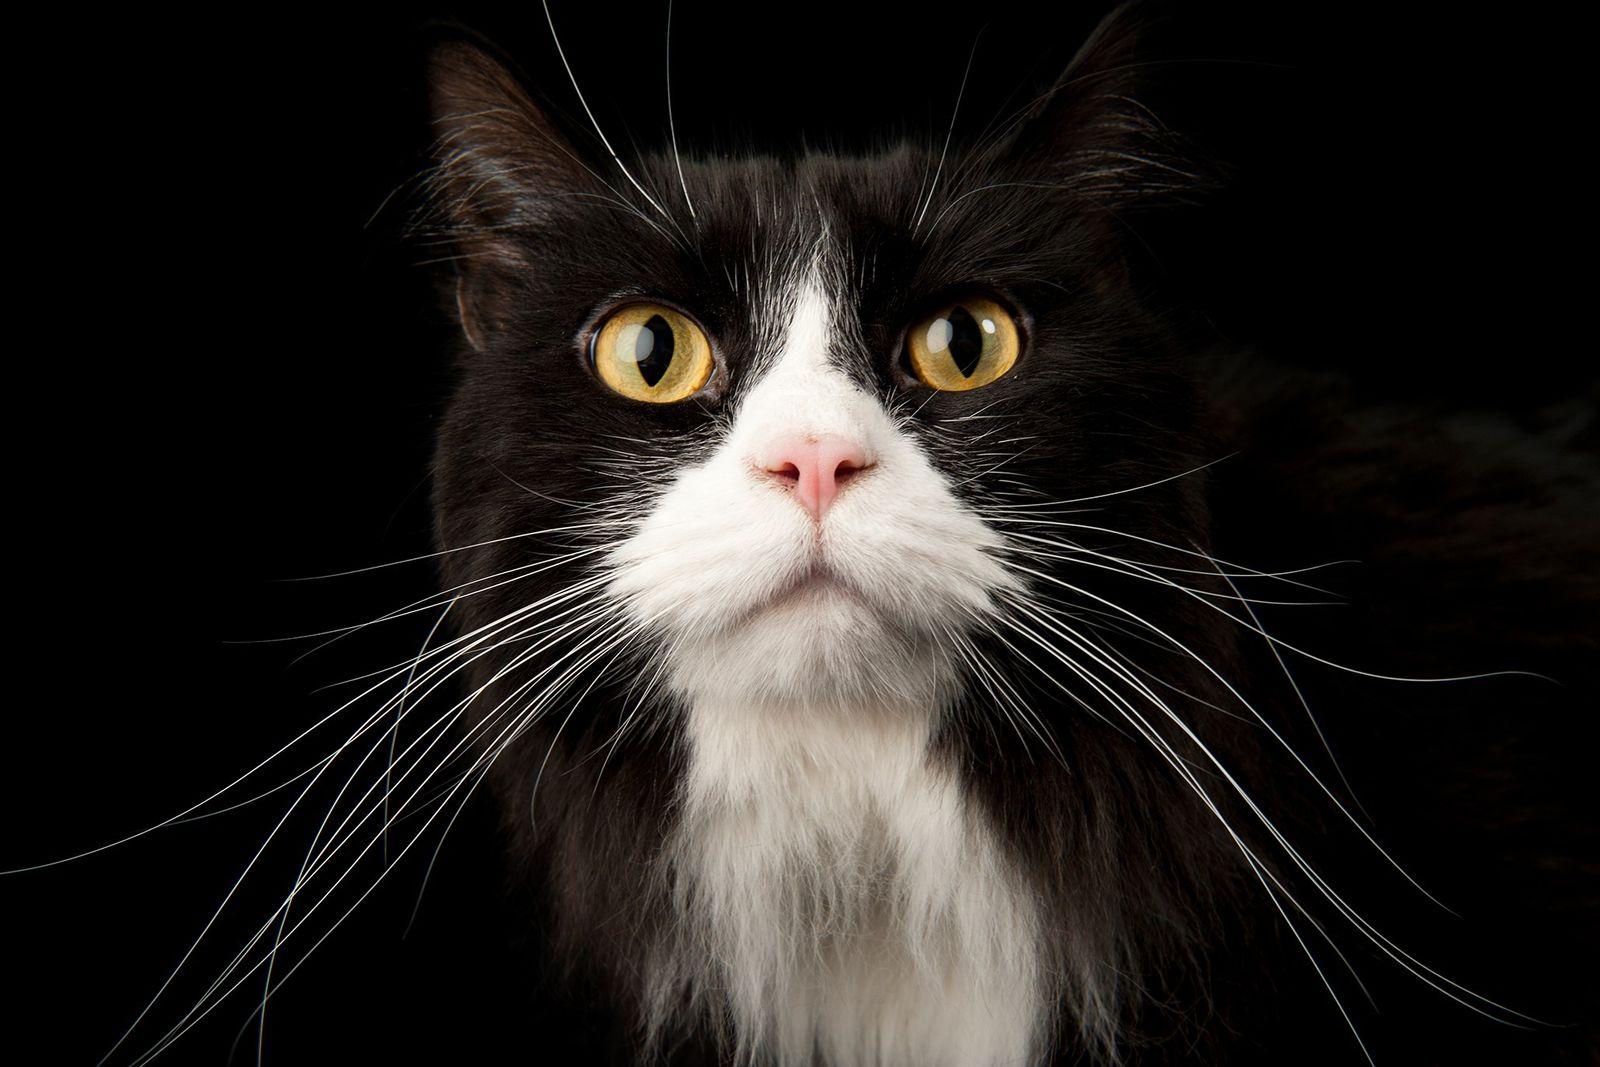 Las colas de los gatos